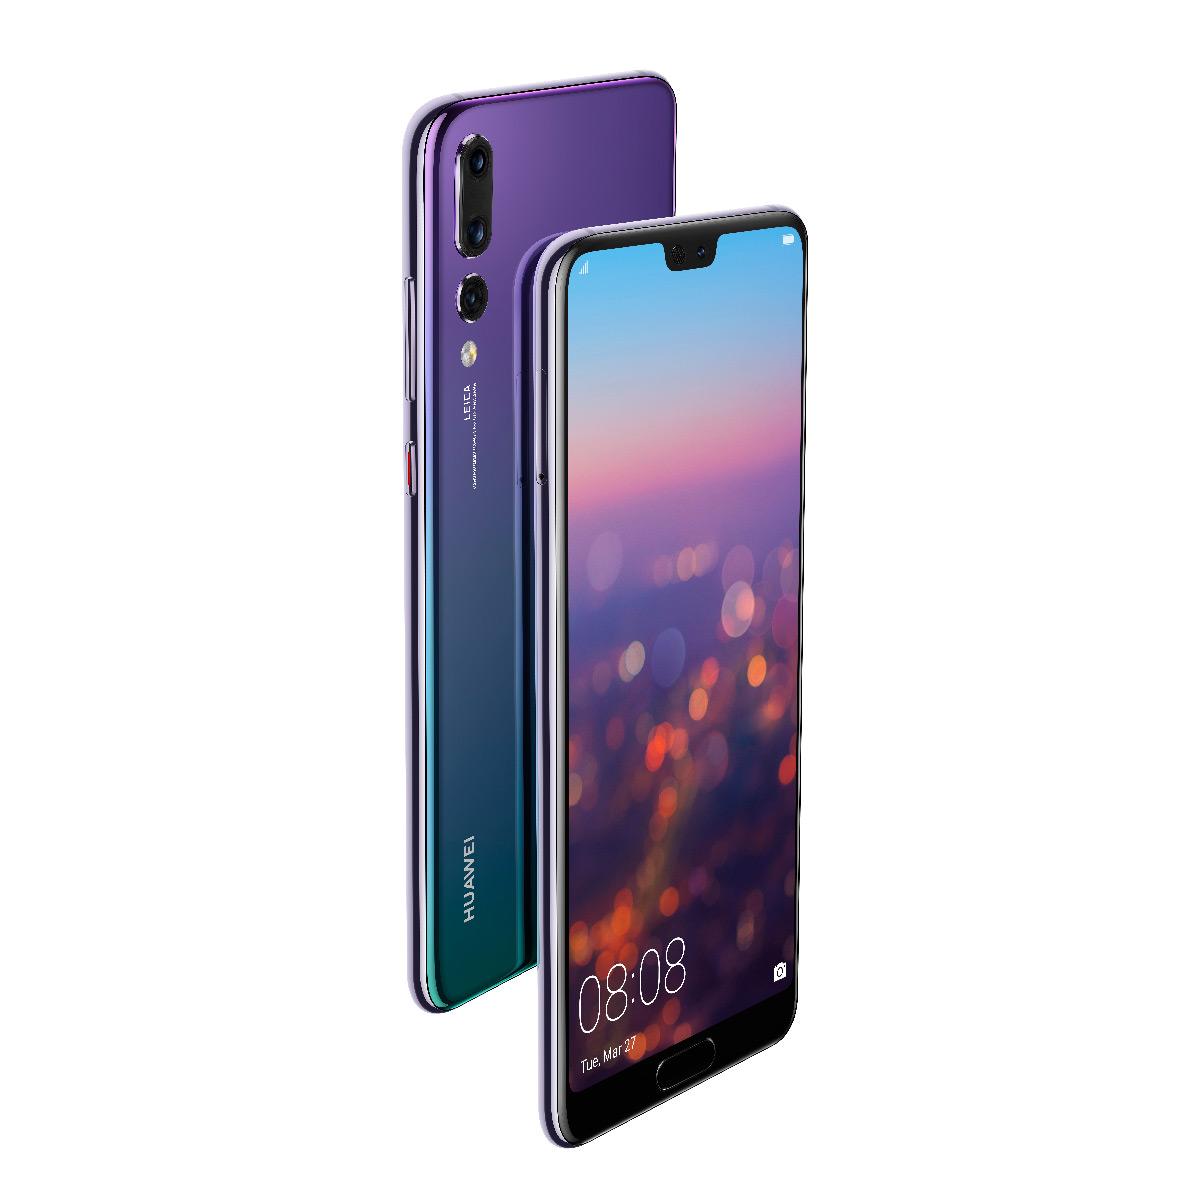 Красивый Huawei P20 Pro всумеречном цвете поступил в реализацию в Российской Федерации